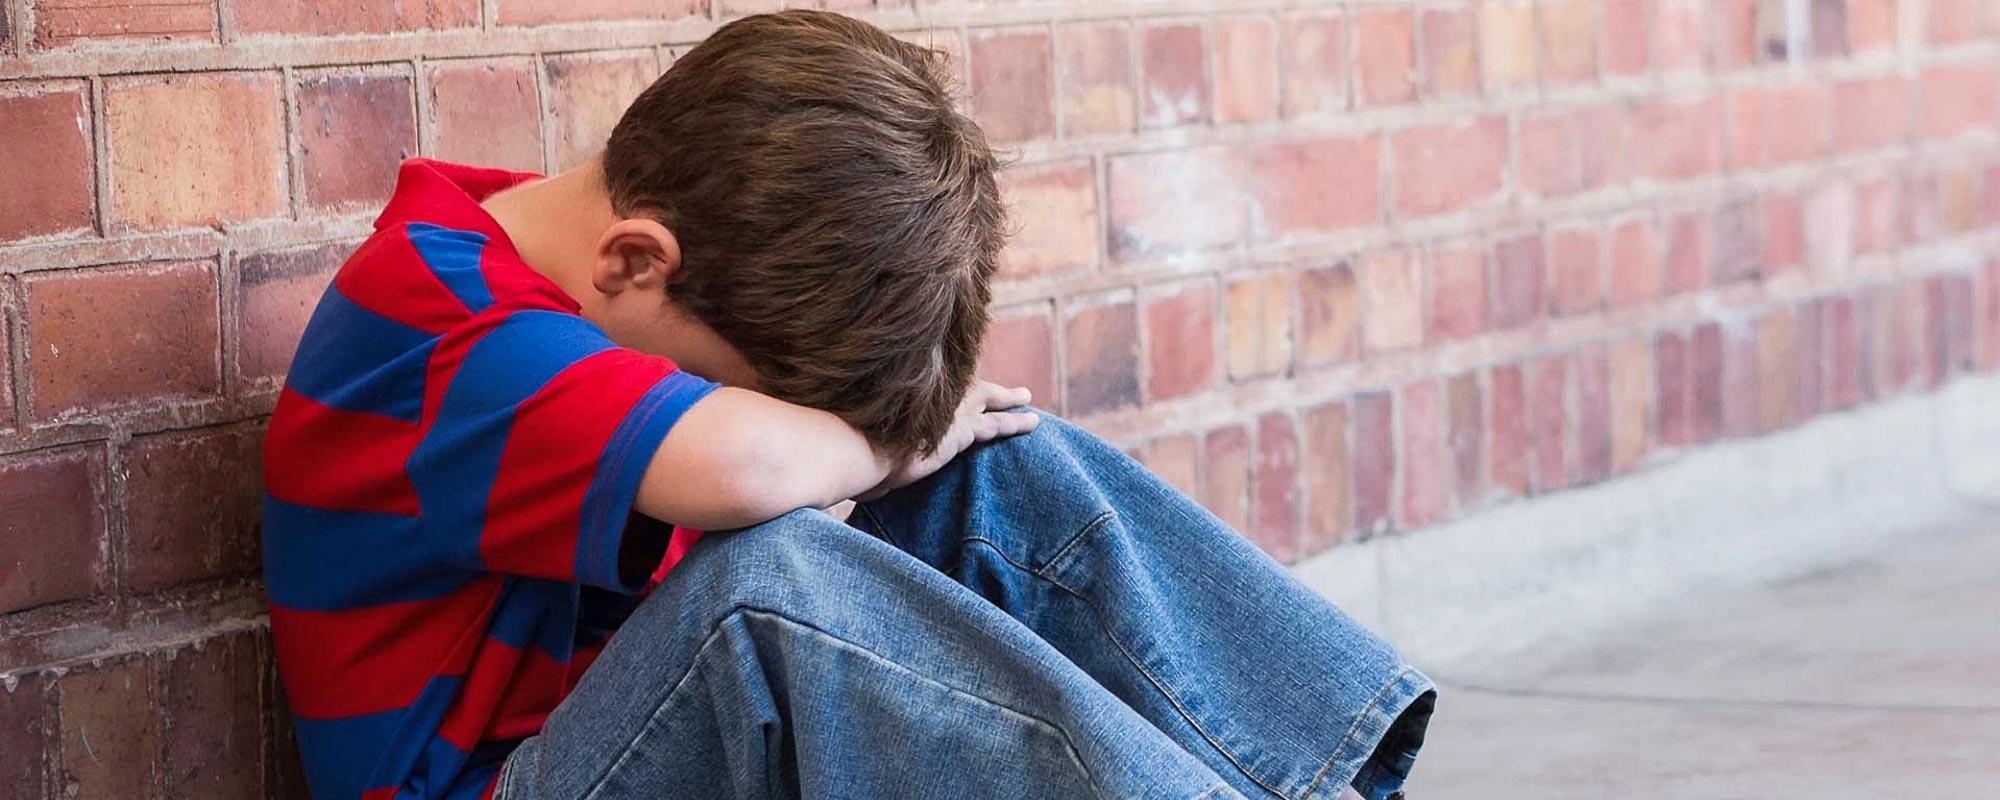 Hogar Abierto - Acogimiento Familiar: Mejor en Familia